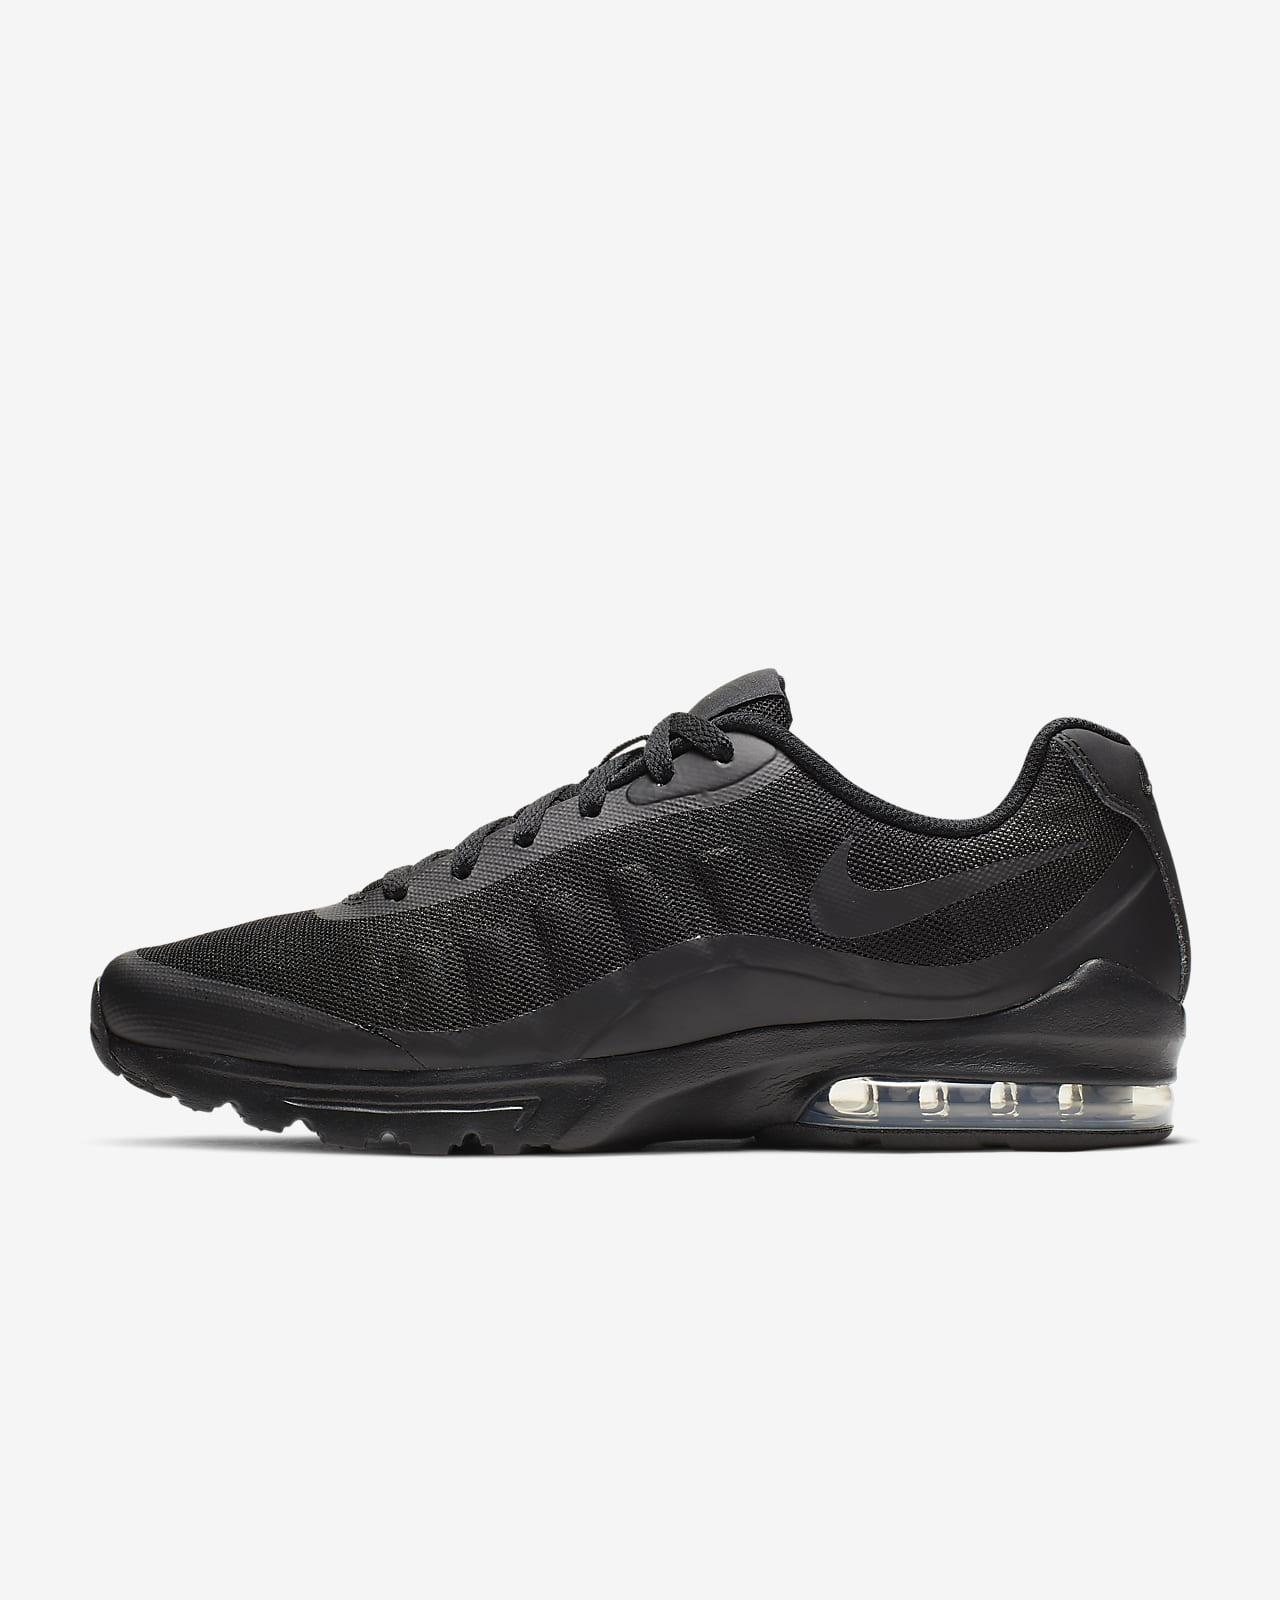 Nike Air Max Invigor Men's Shoe